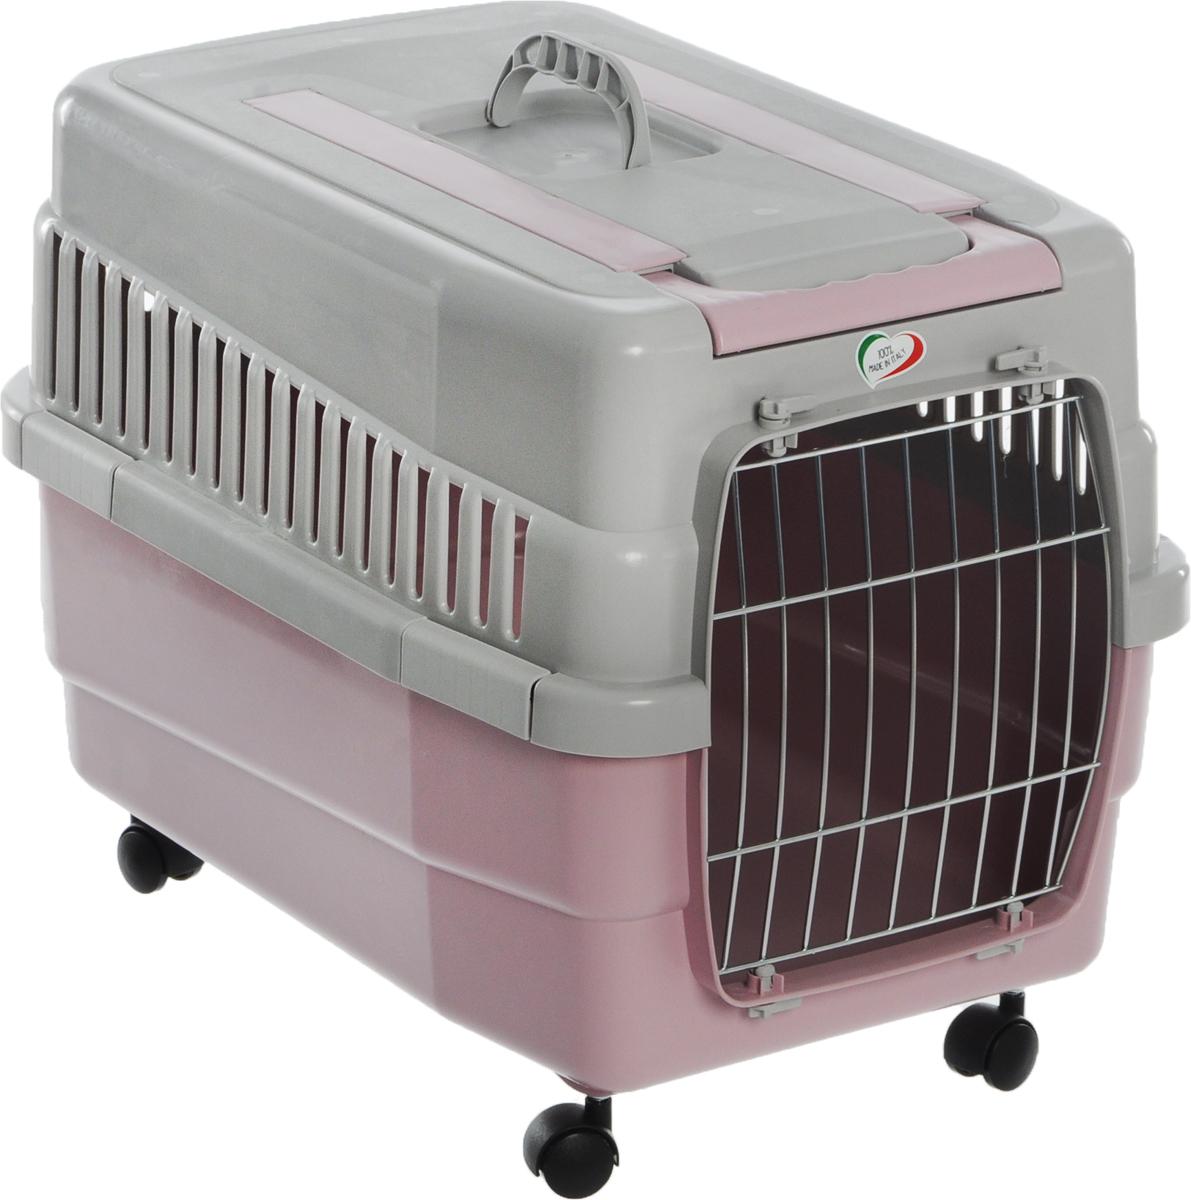 """Переноска для животных IMAC """"Kim 60"""", на колесах, цвет: светло-серый, розовый, 60 х 40 х 45 см"""